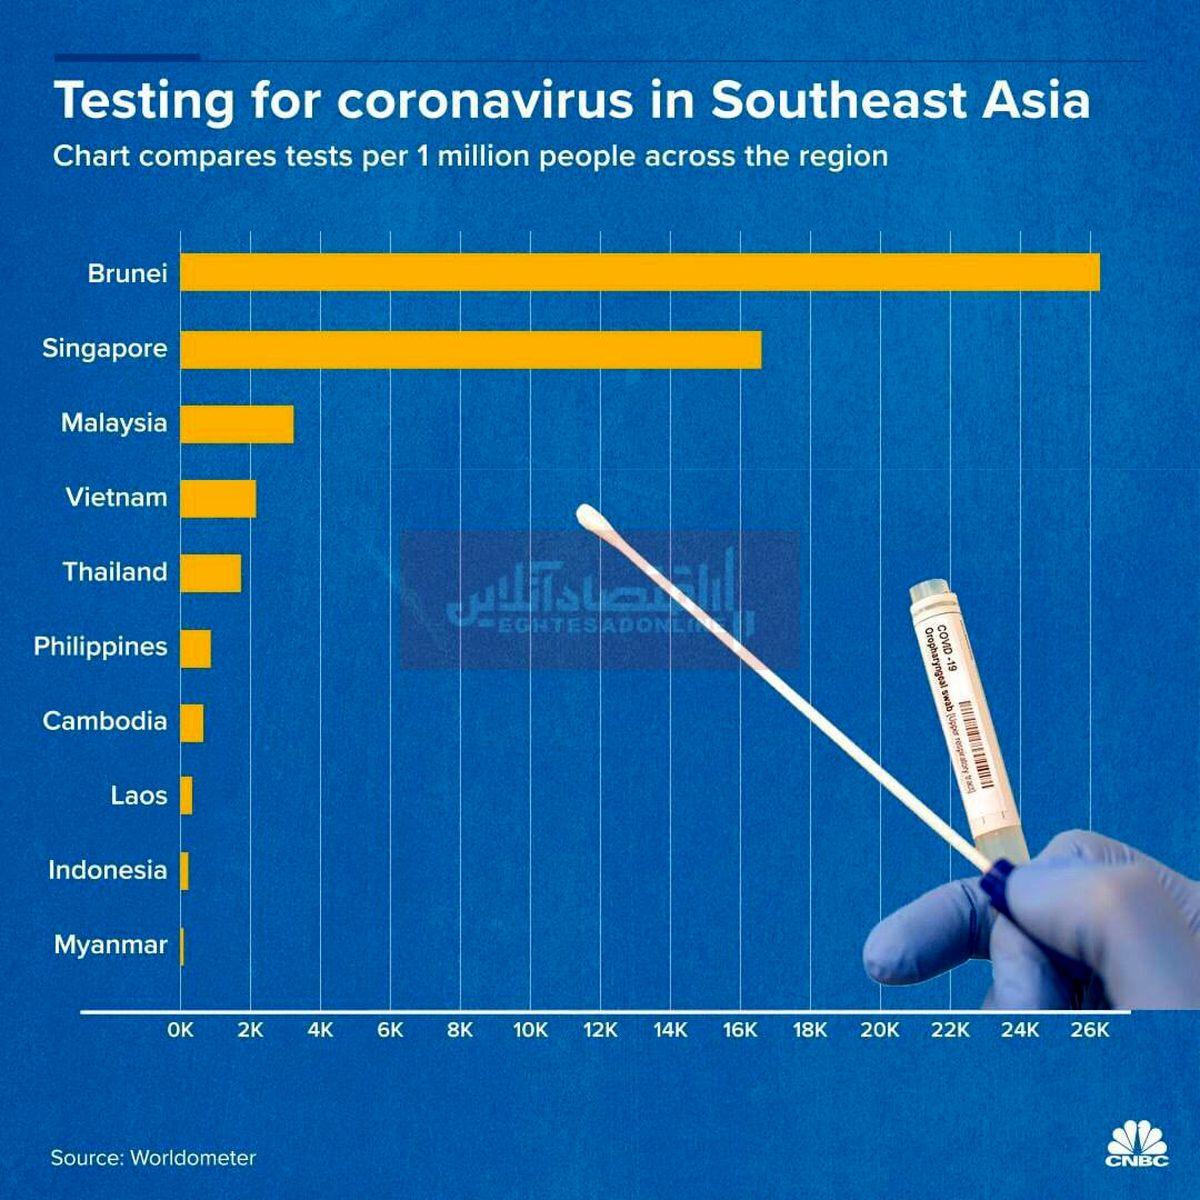 بررسی وضعیت کشورهای آسیای جنوب شرقی در بحران کرونا/ کدام کشورها بیشتر قادر به انجام آزمایش کرونا هستند؟